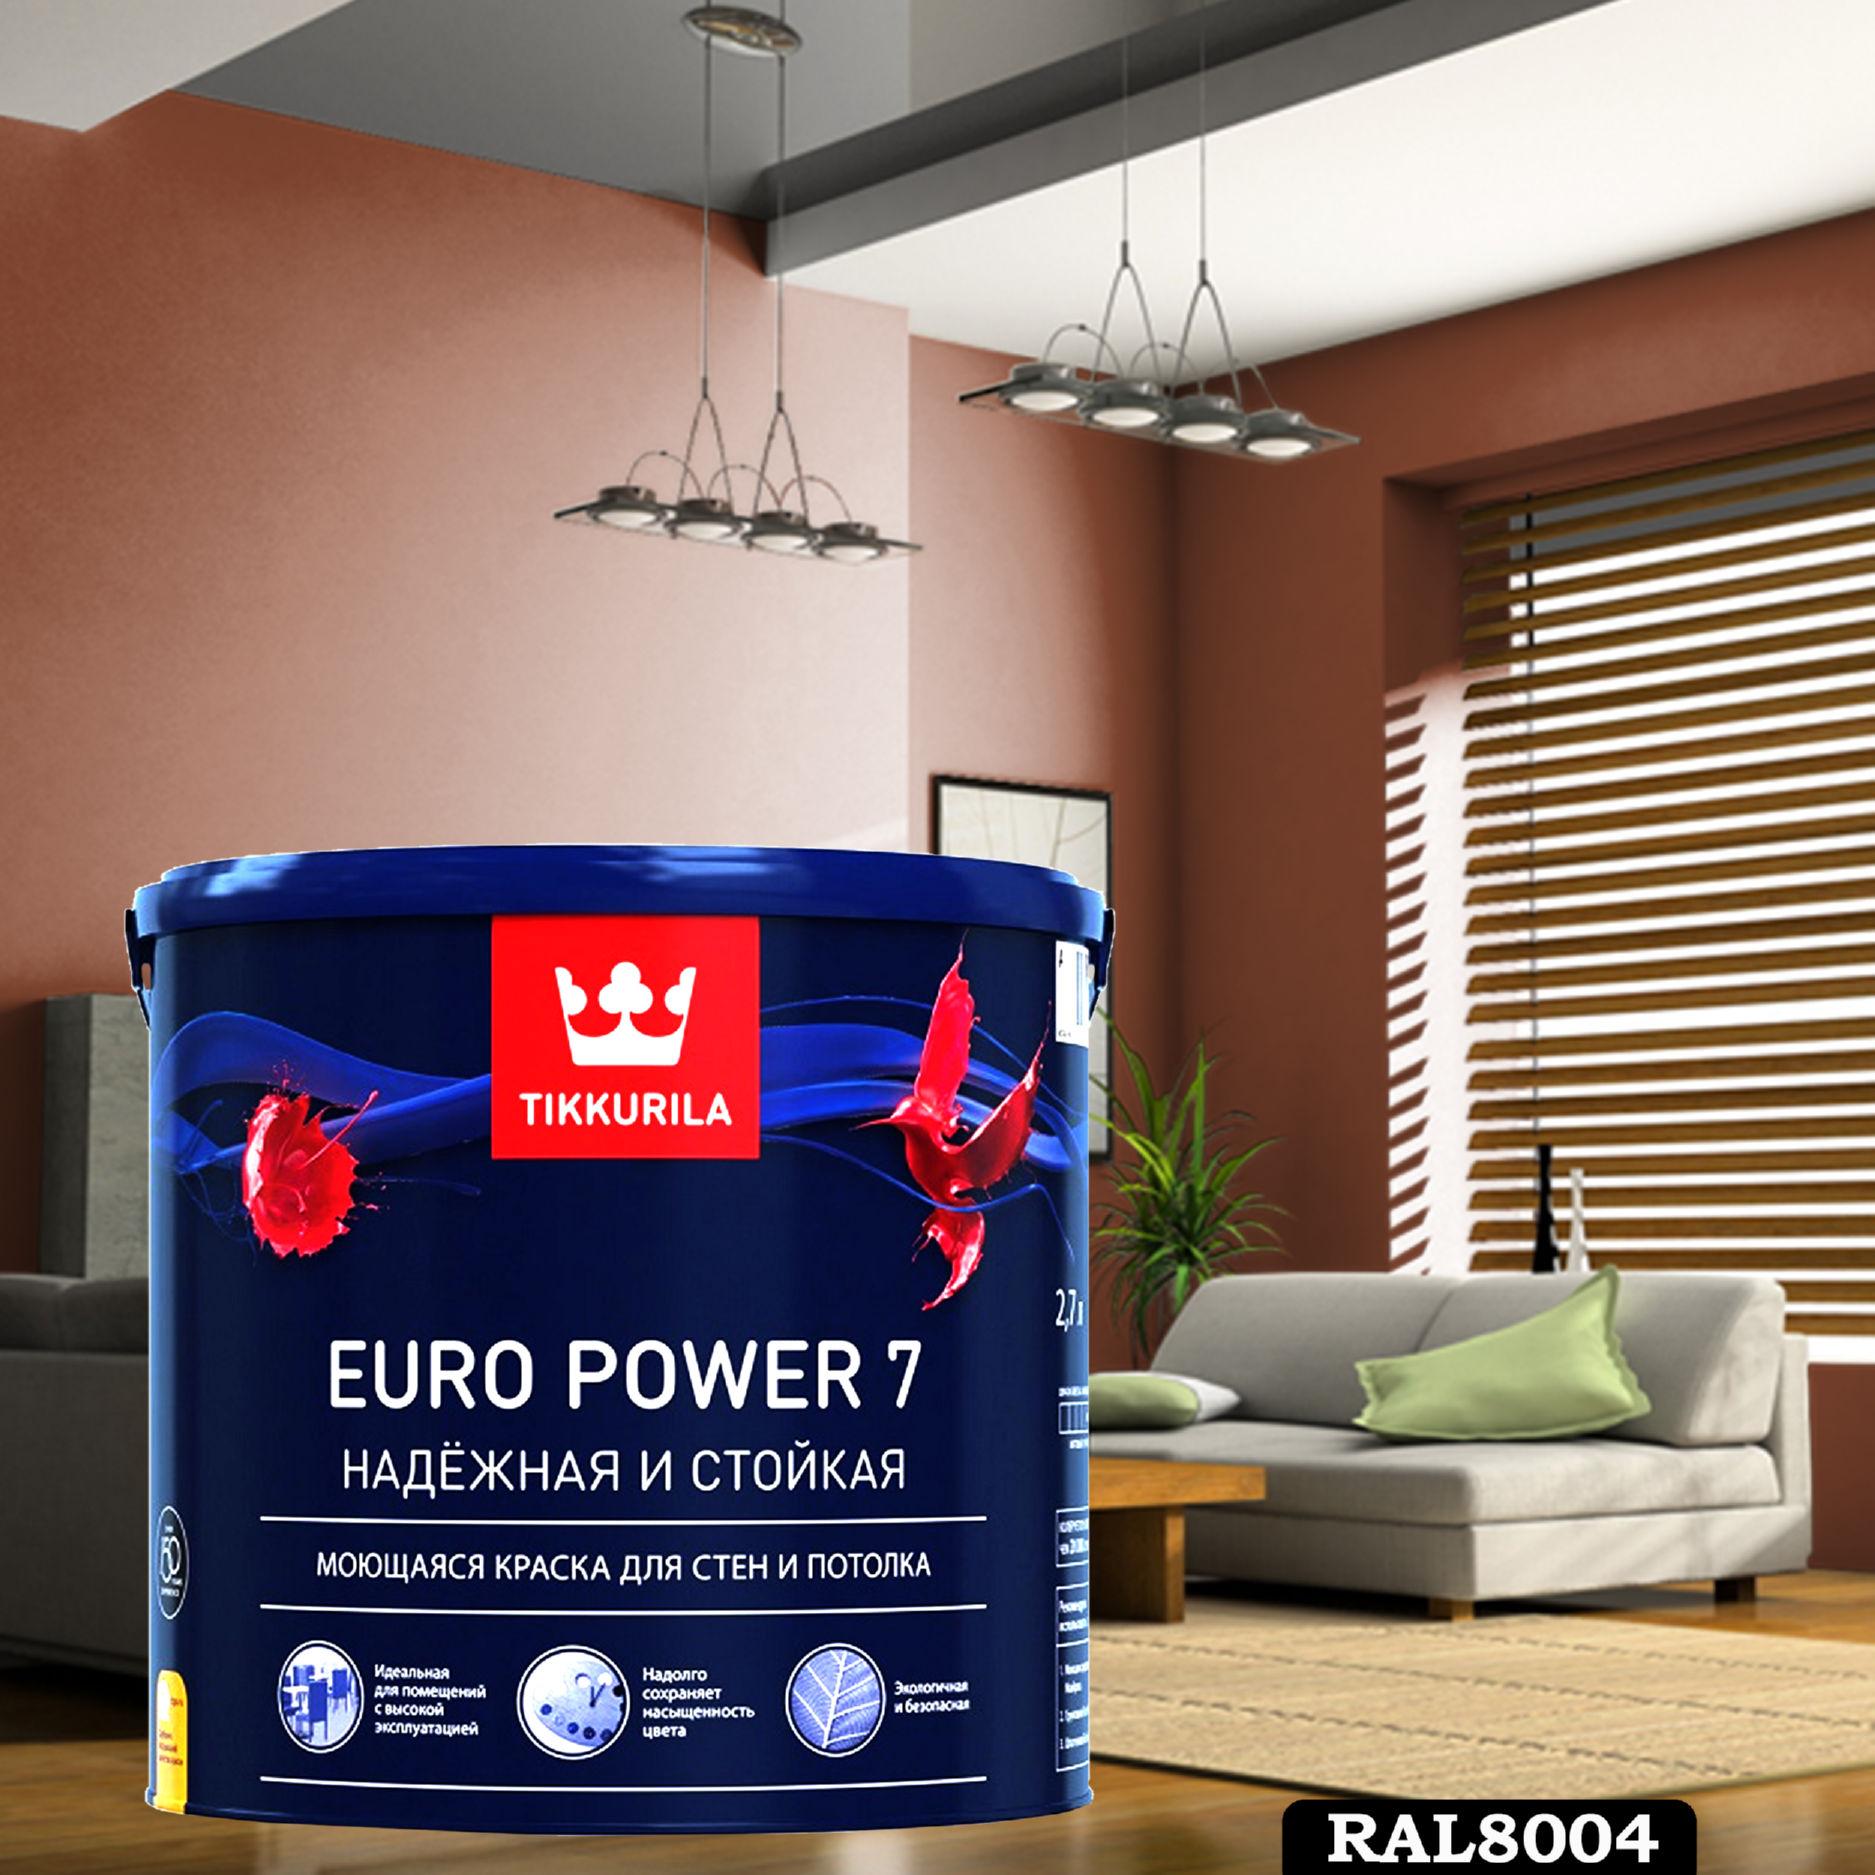 Фото 5 - Краска TIKKURILA Euro Power 7,  RAL 8004 Медно-коричневый, латексная моющаяся матовая интерьерная, 9 л.